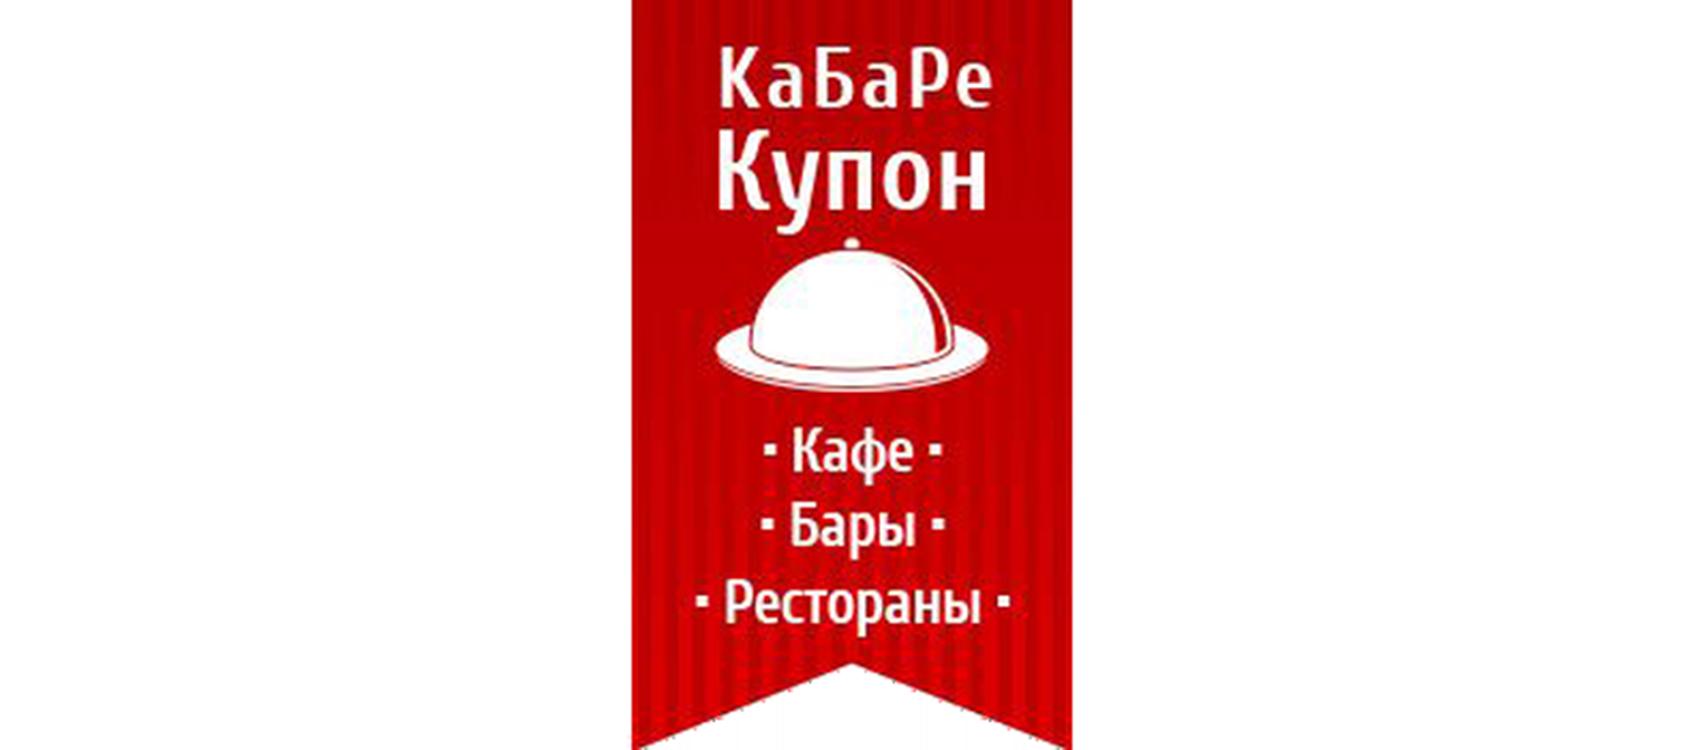 Кабаре Купон  (Київ)